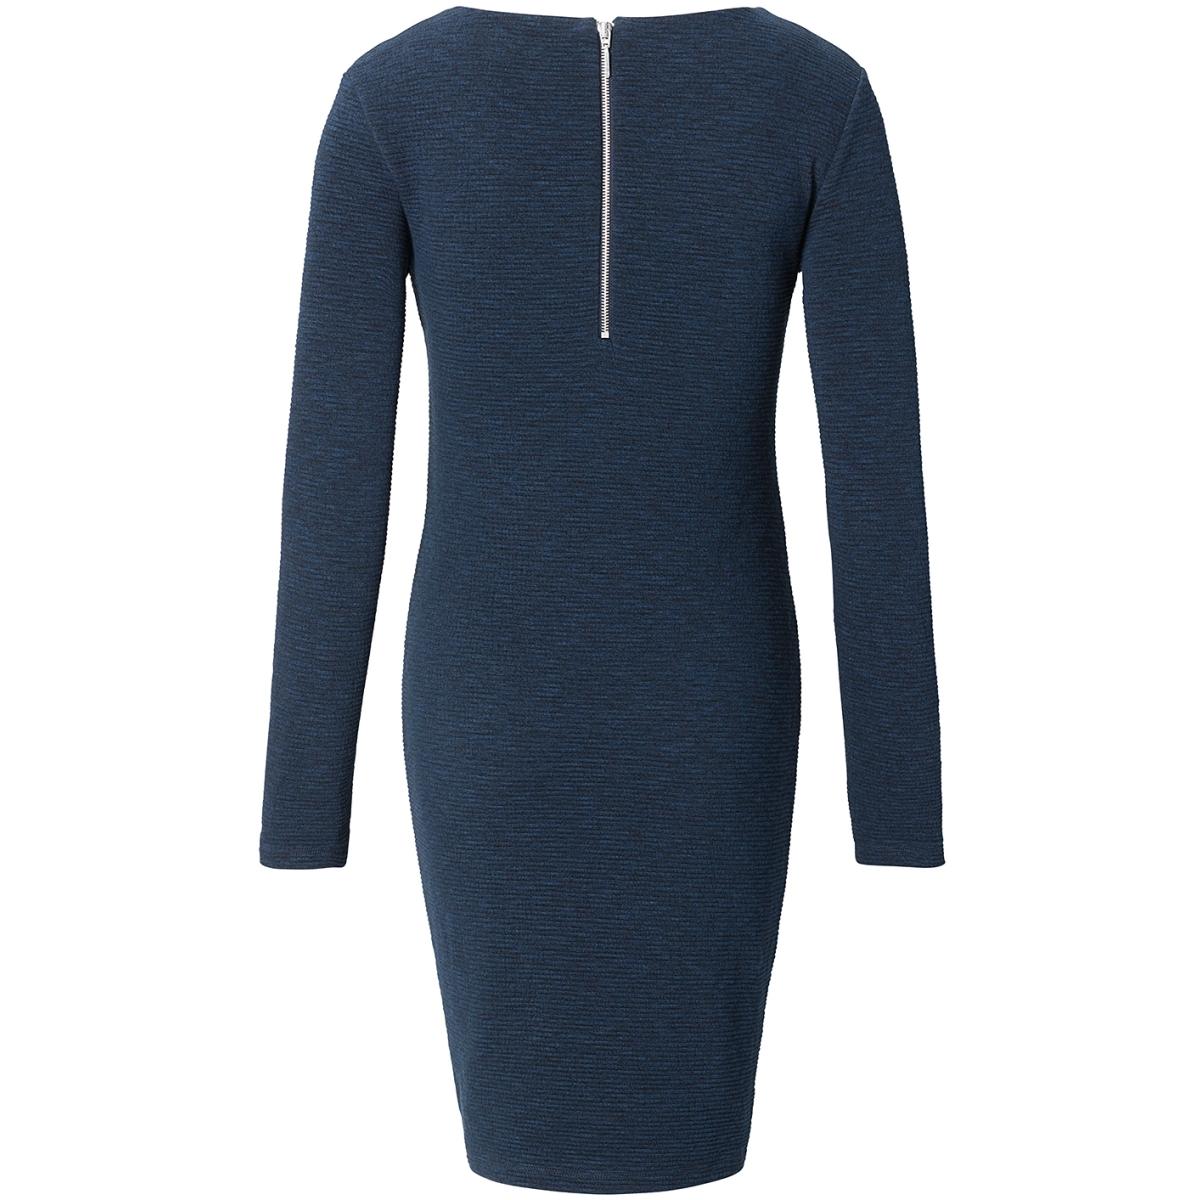 70717 dress inez noppies positie jurk navy